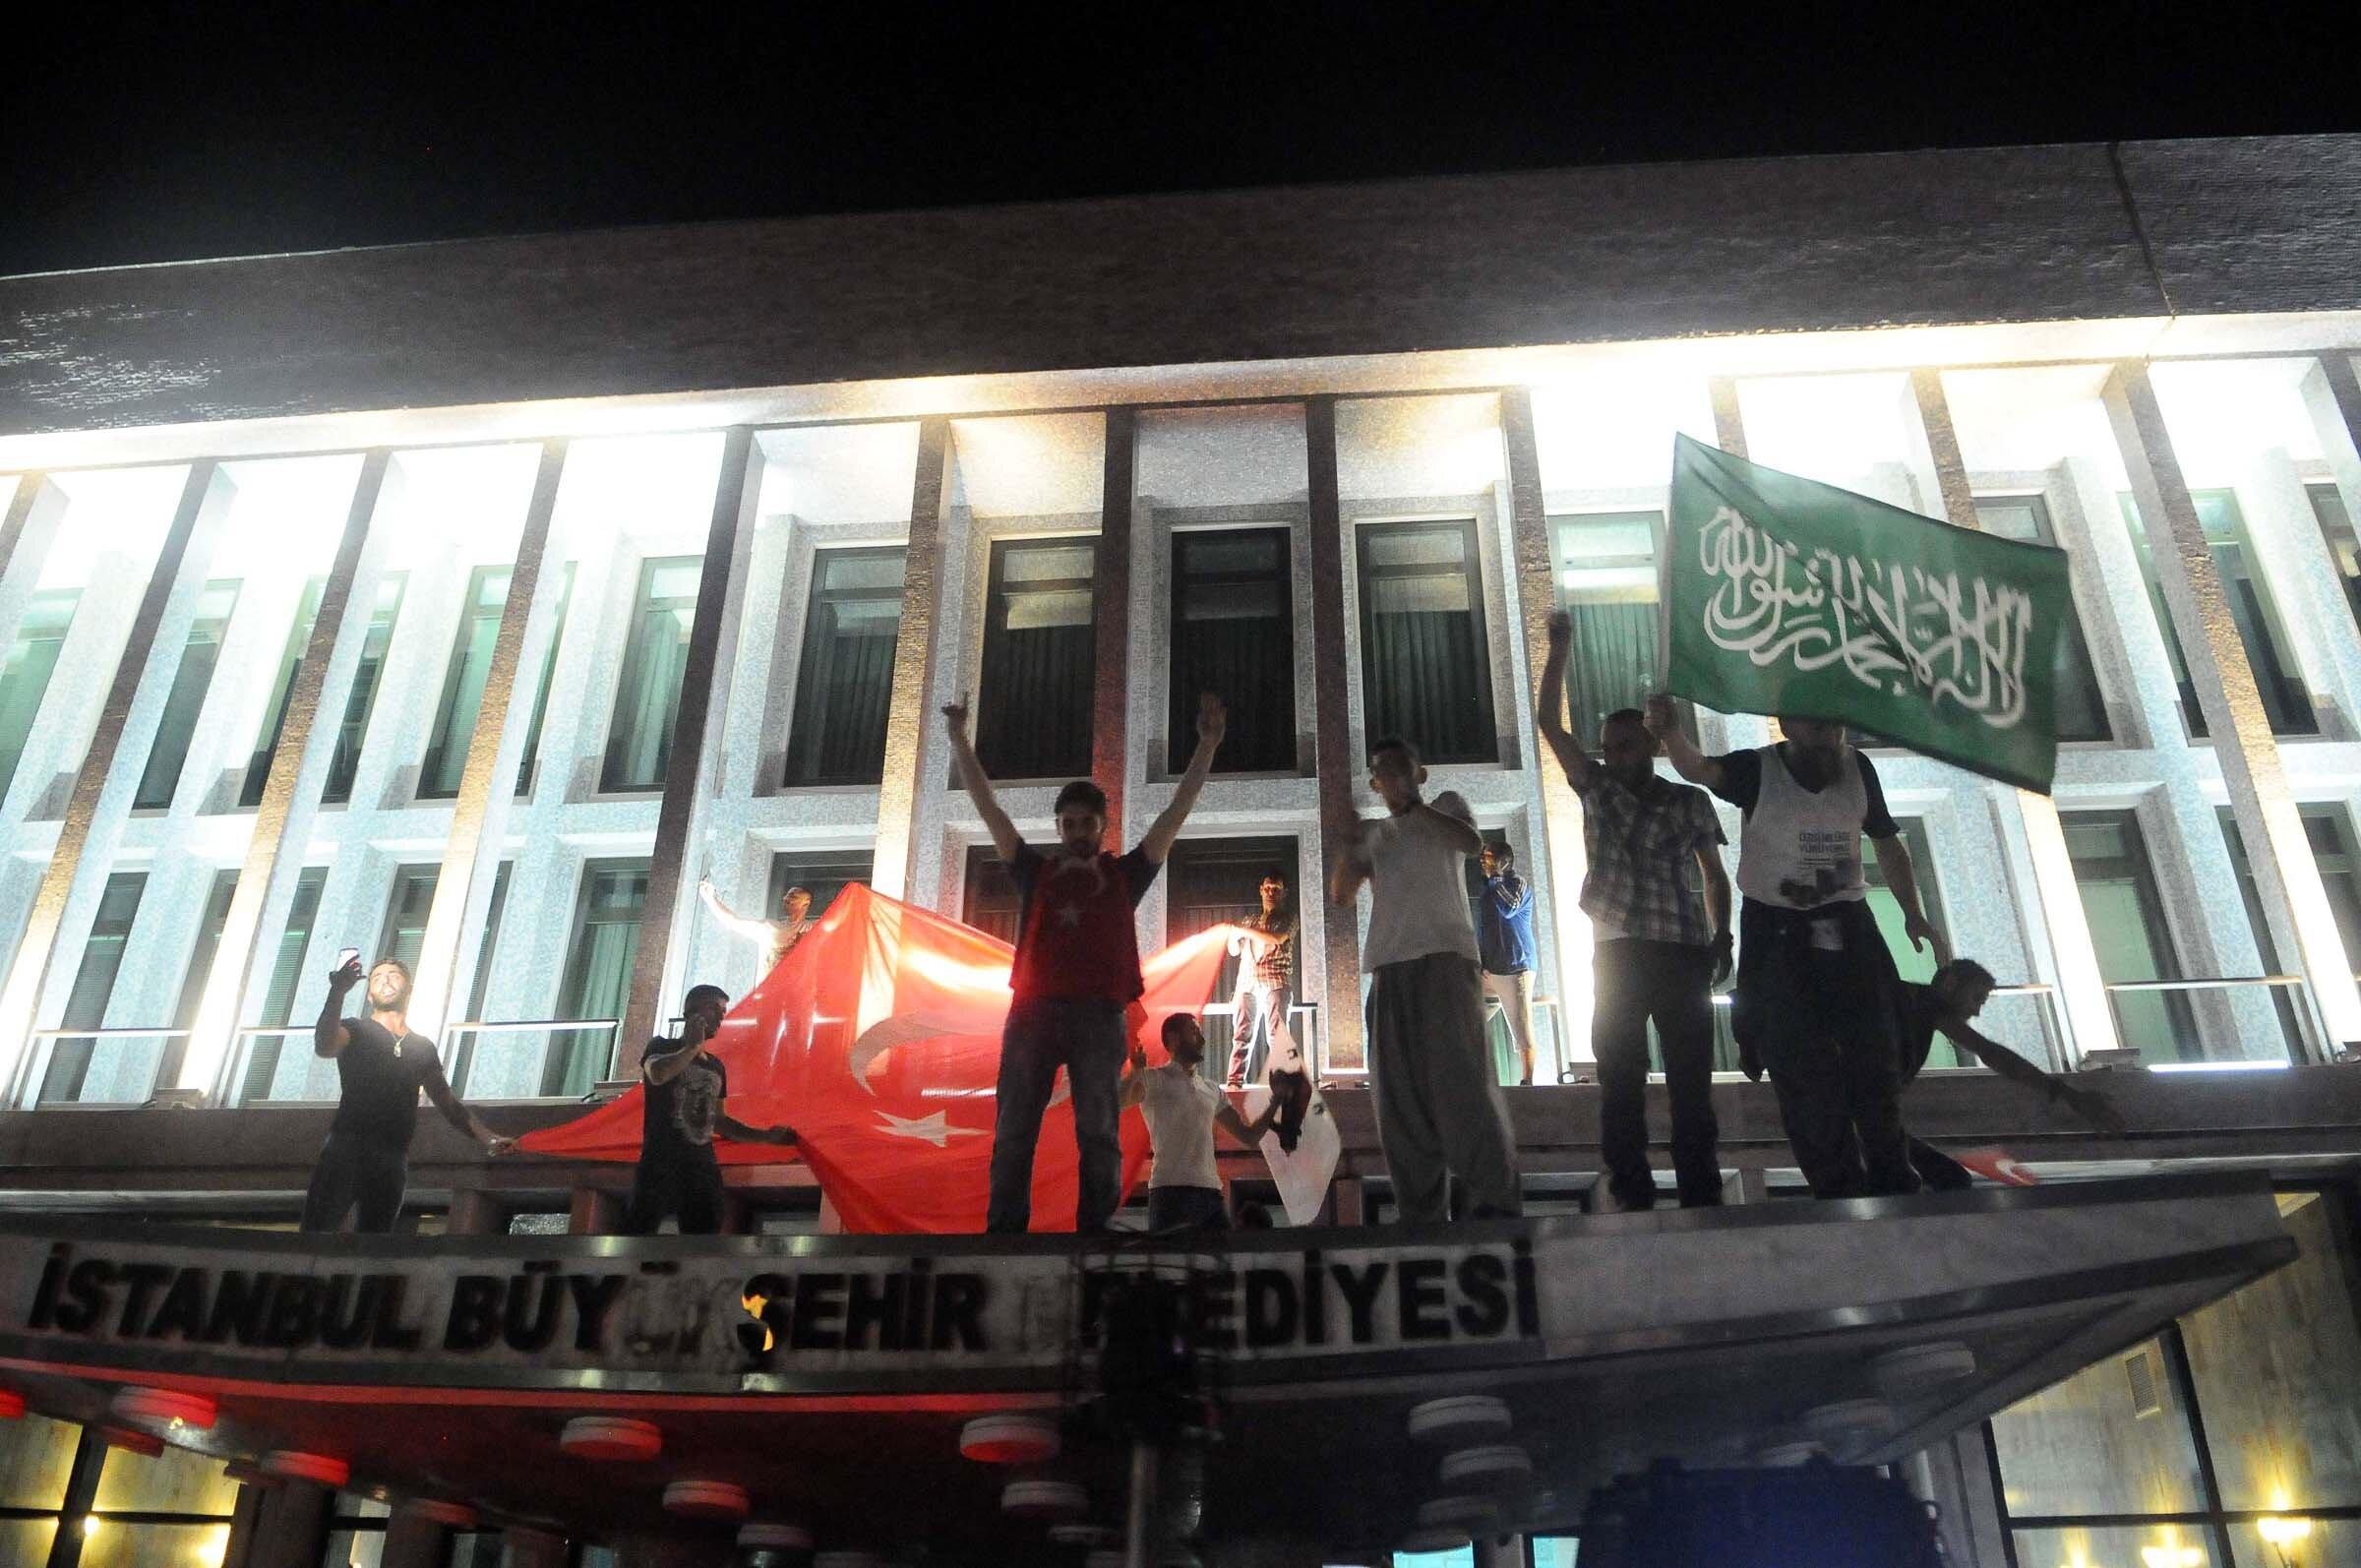 Vatandaşlar, İBB önünde konuşlandırılan 2 askeri aracı ise kullanılamaz hale getirdi. İBB'deki çatışmalarda 17 belediye çalışanı şehit düştü.